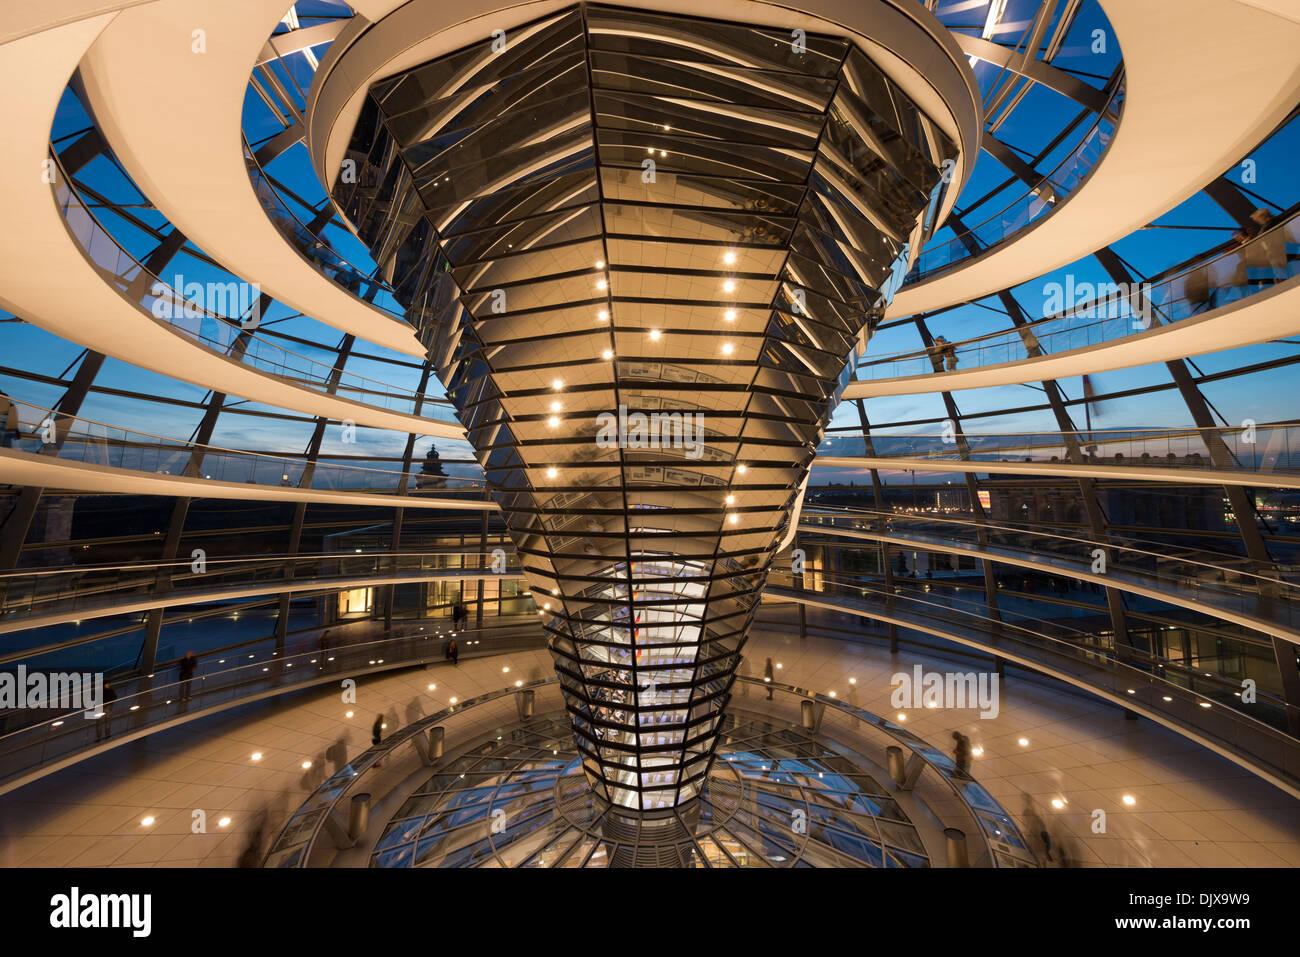 Innenraum der Reichstagskuppel beleuchtet in der Nacht. Berlin, Deutschland. Stockbild